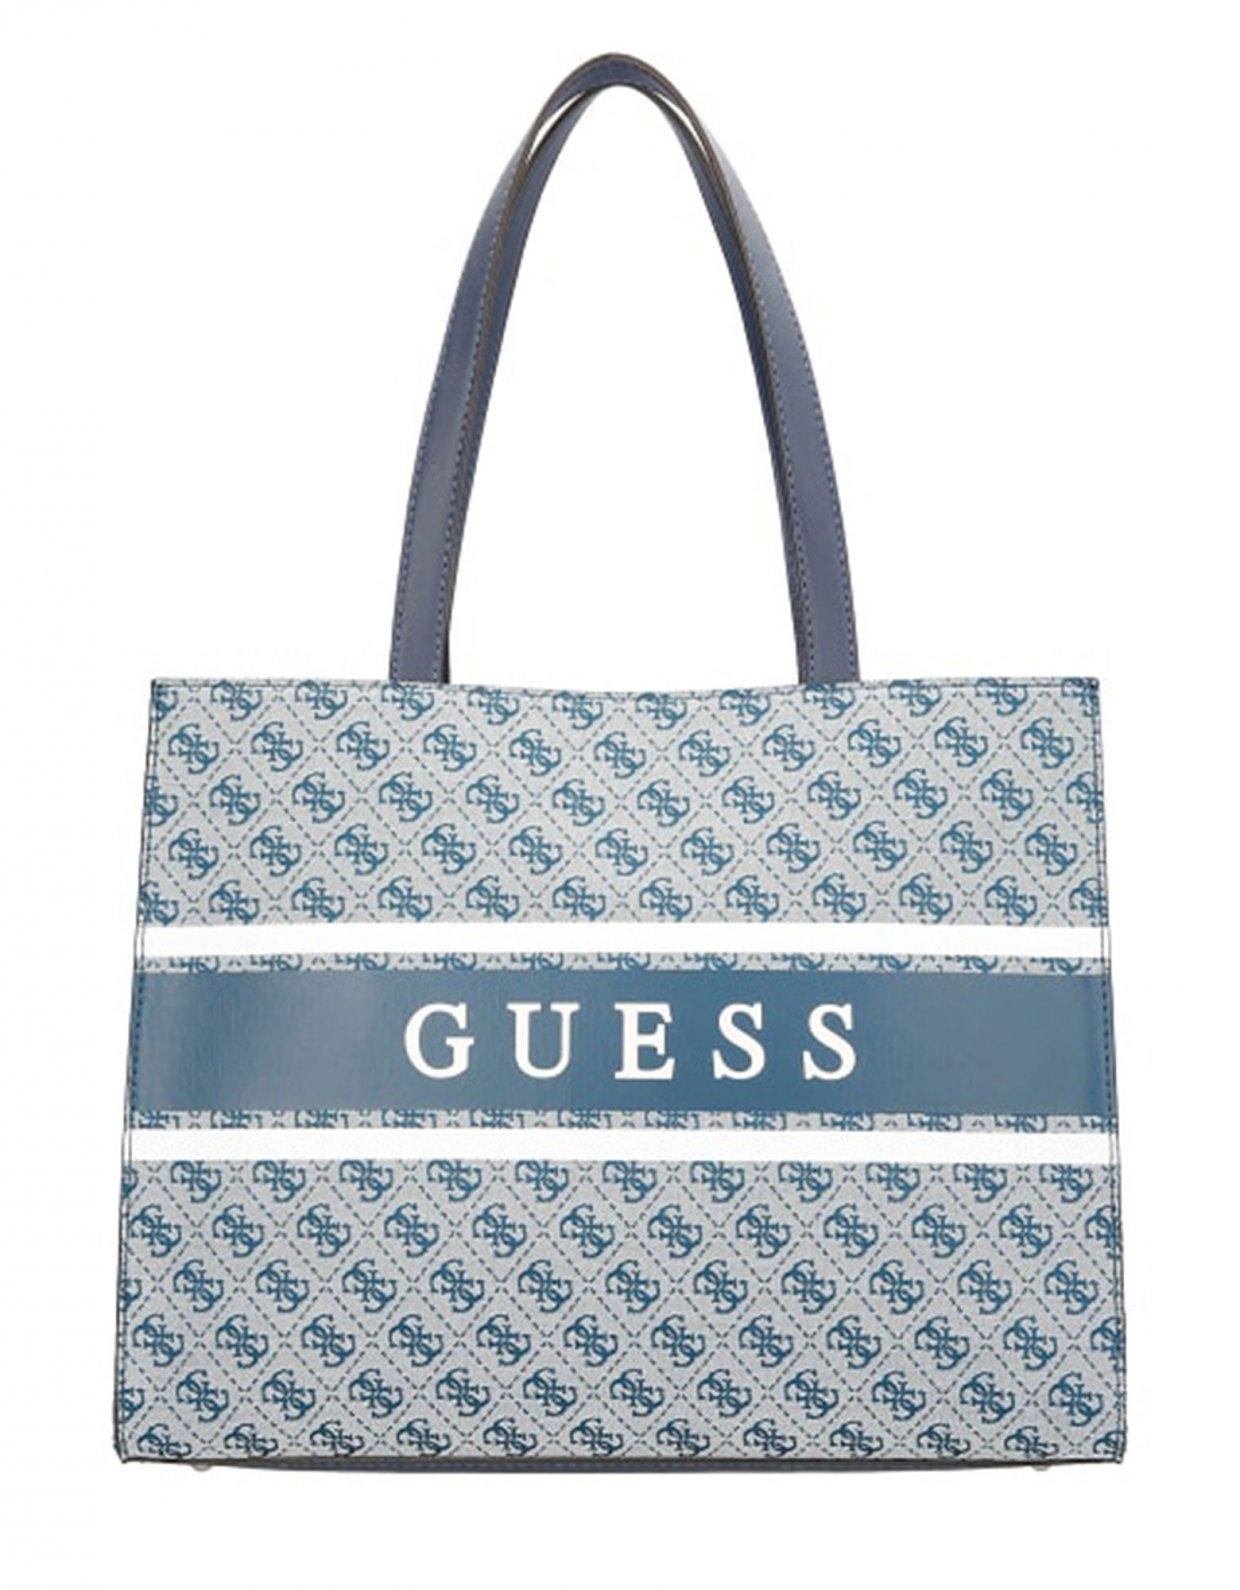 Guess Monique shopper bag blue